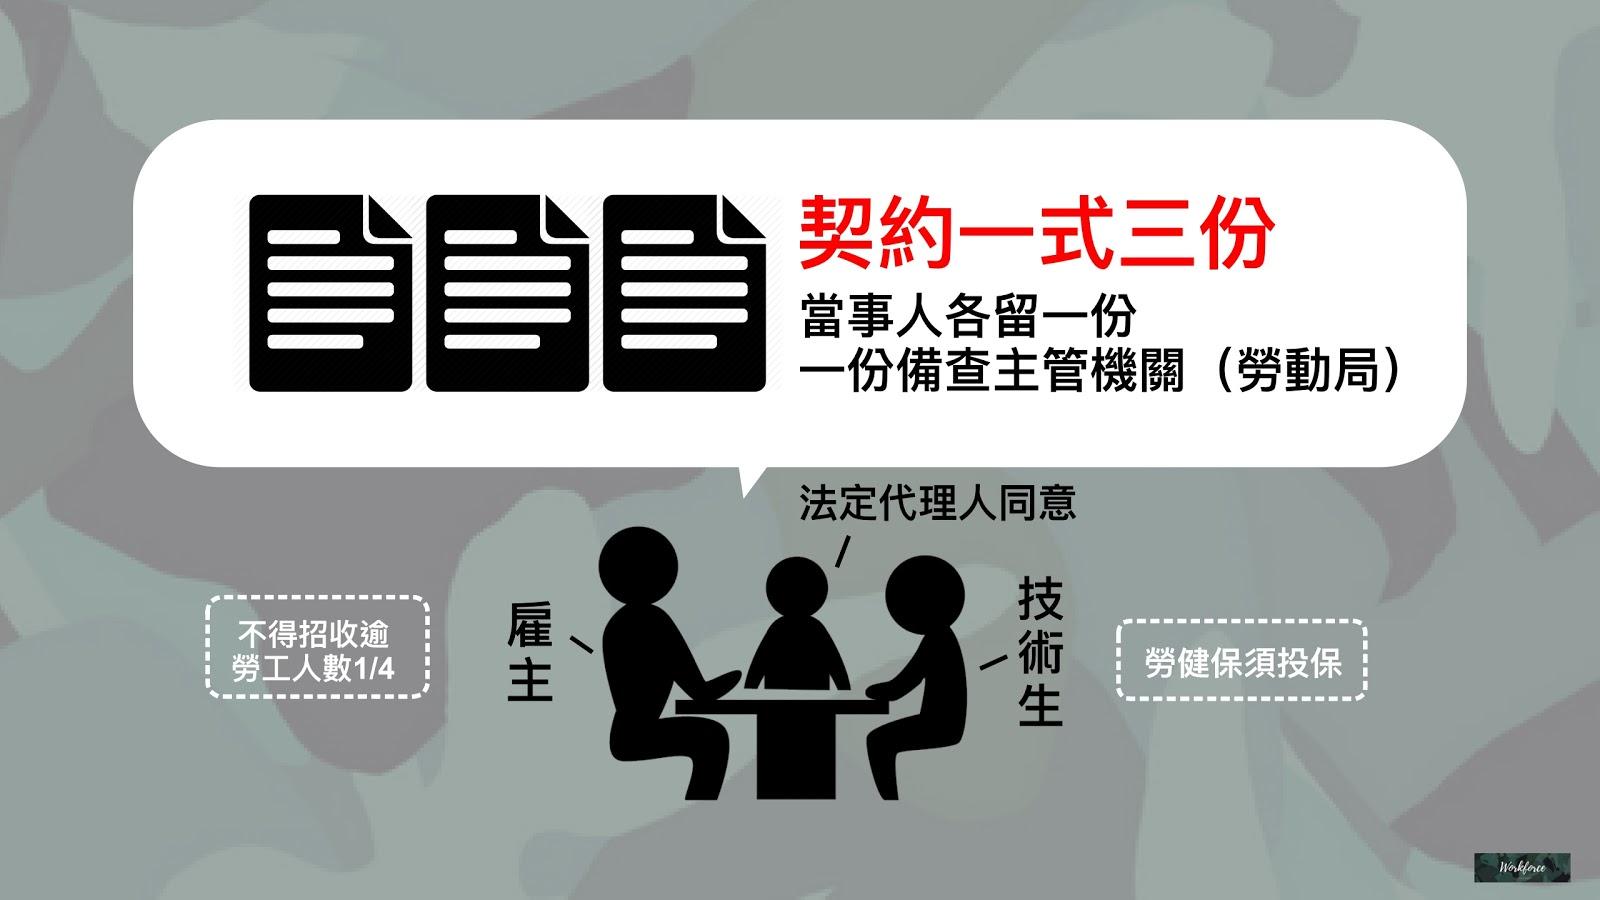 技術生需簽訂勞動契約,一式三份